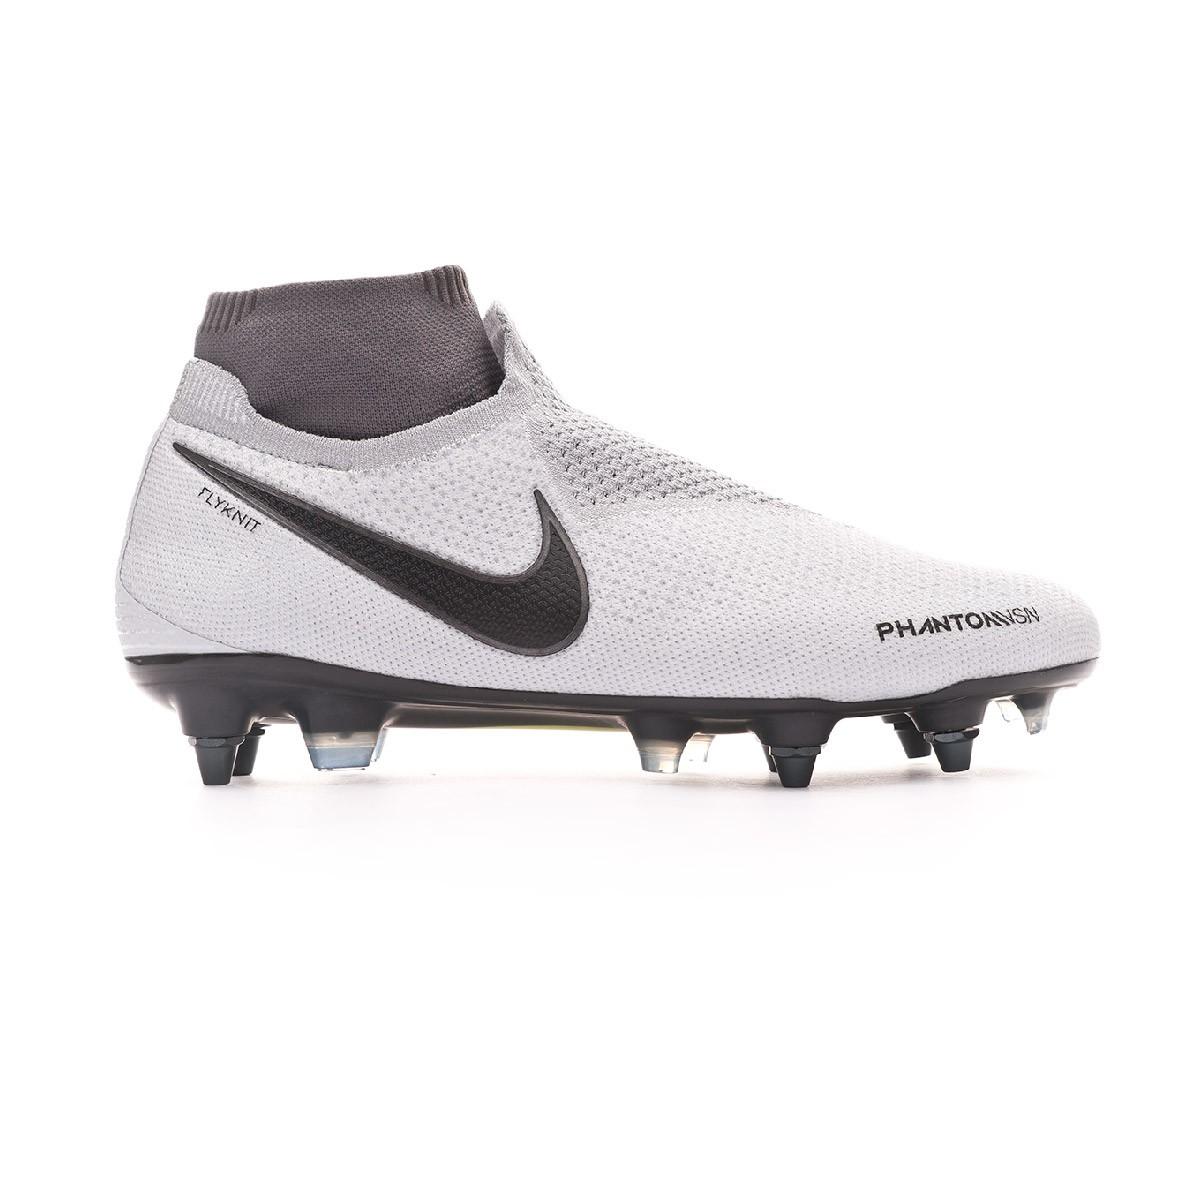 6a25c337e20 Football Boots Nike Phantom Vision Elite DF SG-Pro AC Pure platinum-Black-Light  crimson-Dark grey - Tienda de fútbol Fútbol Emotion